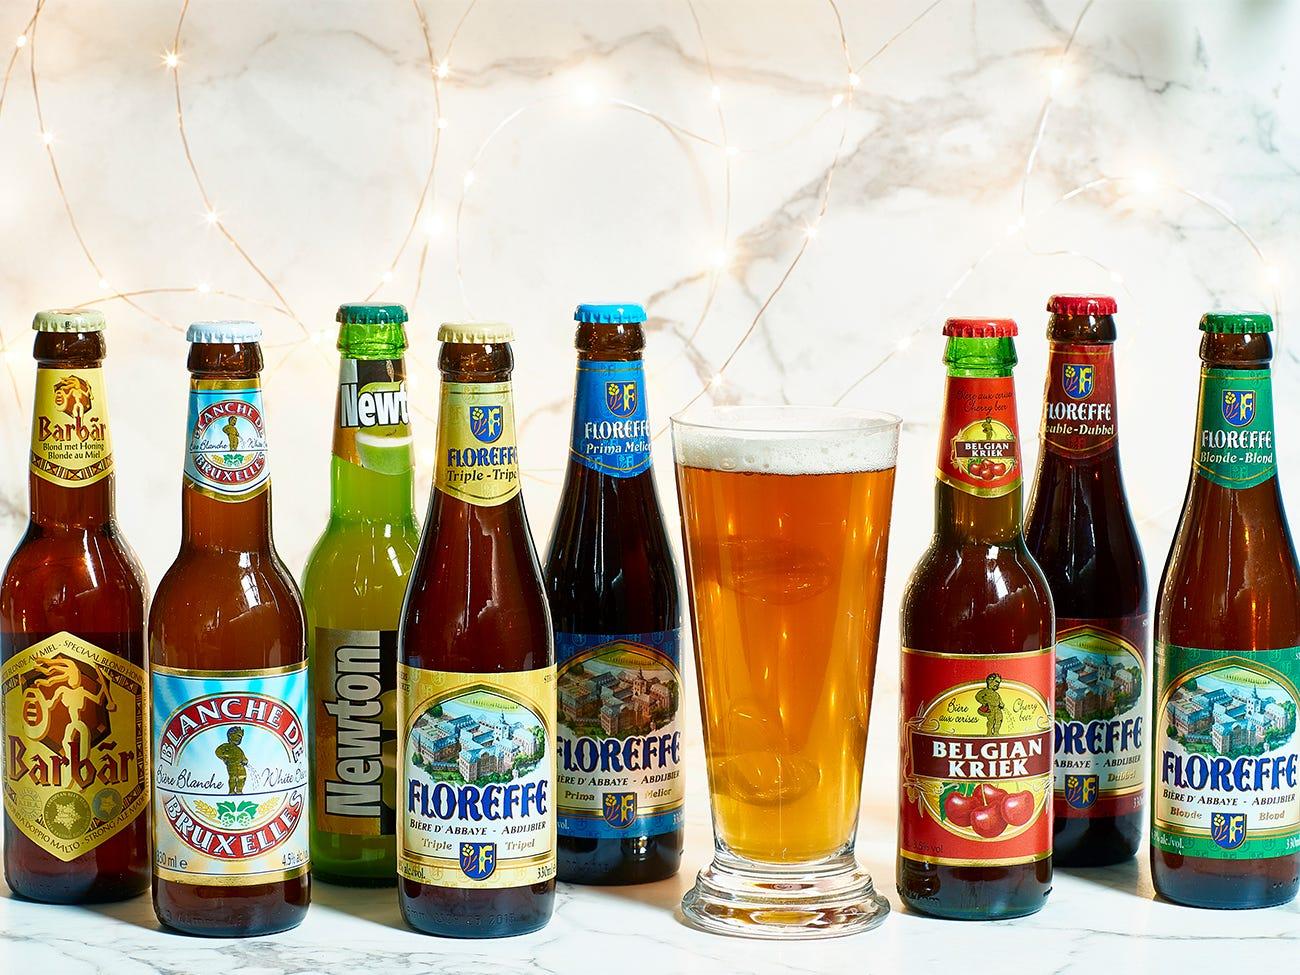 Coffret contenant 8 bouteilles de bières différentes